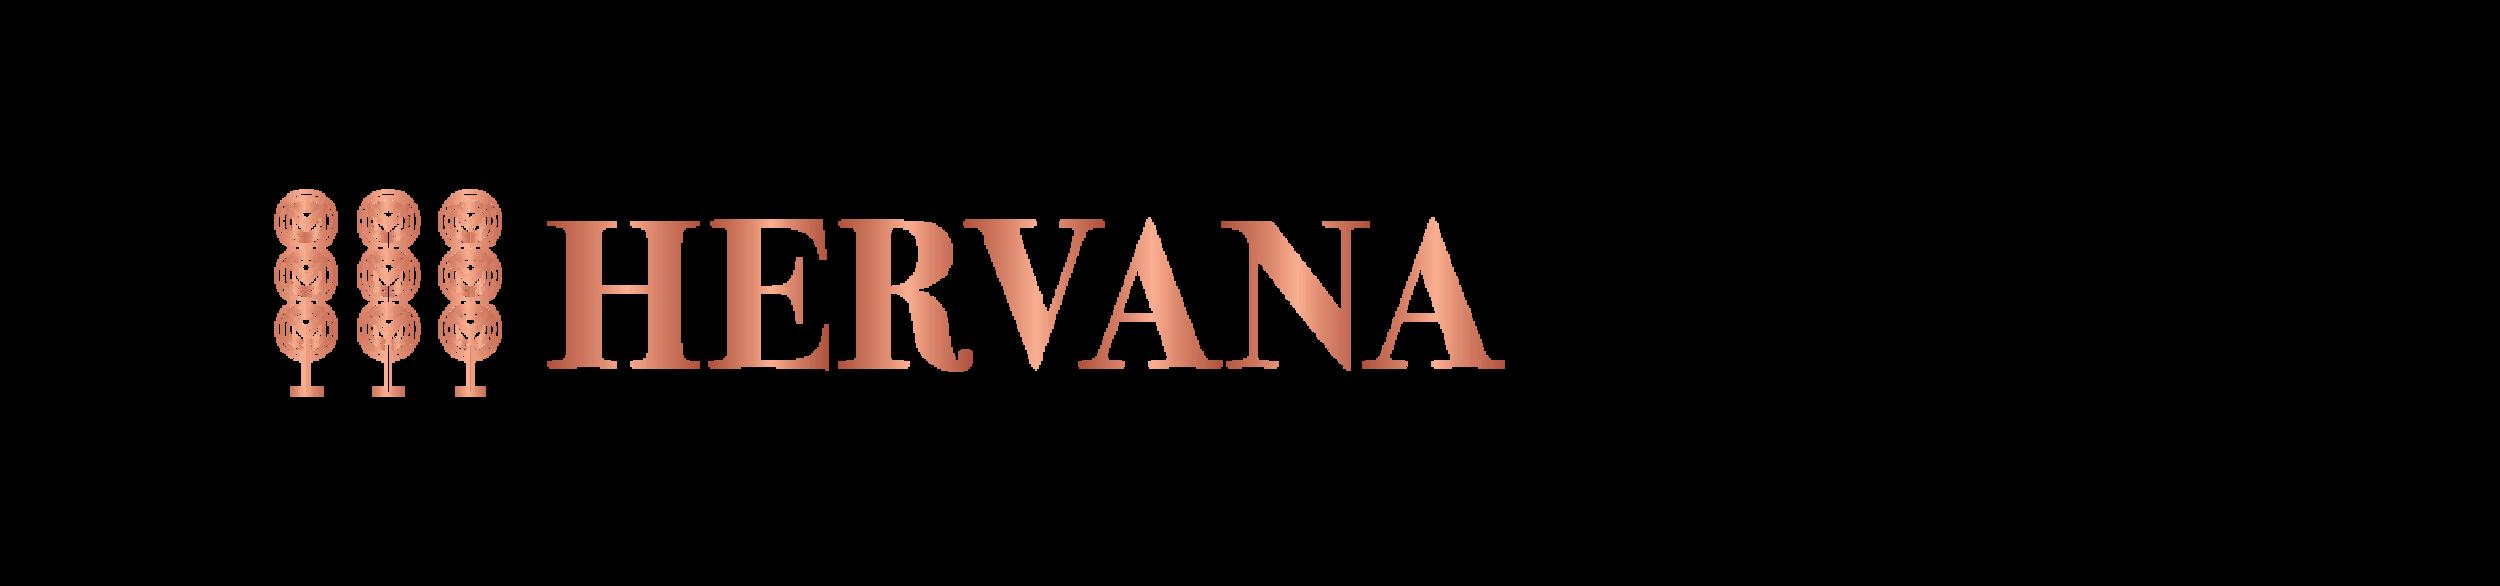 HervanaxAce-01.png